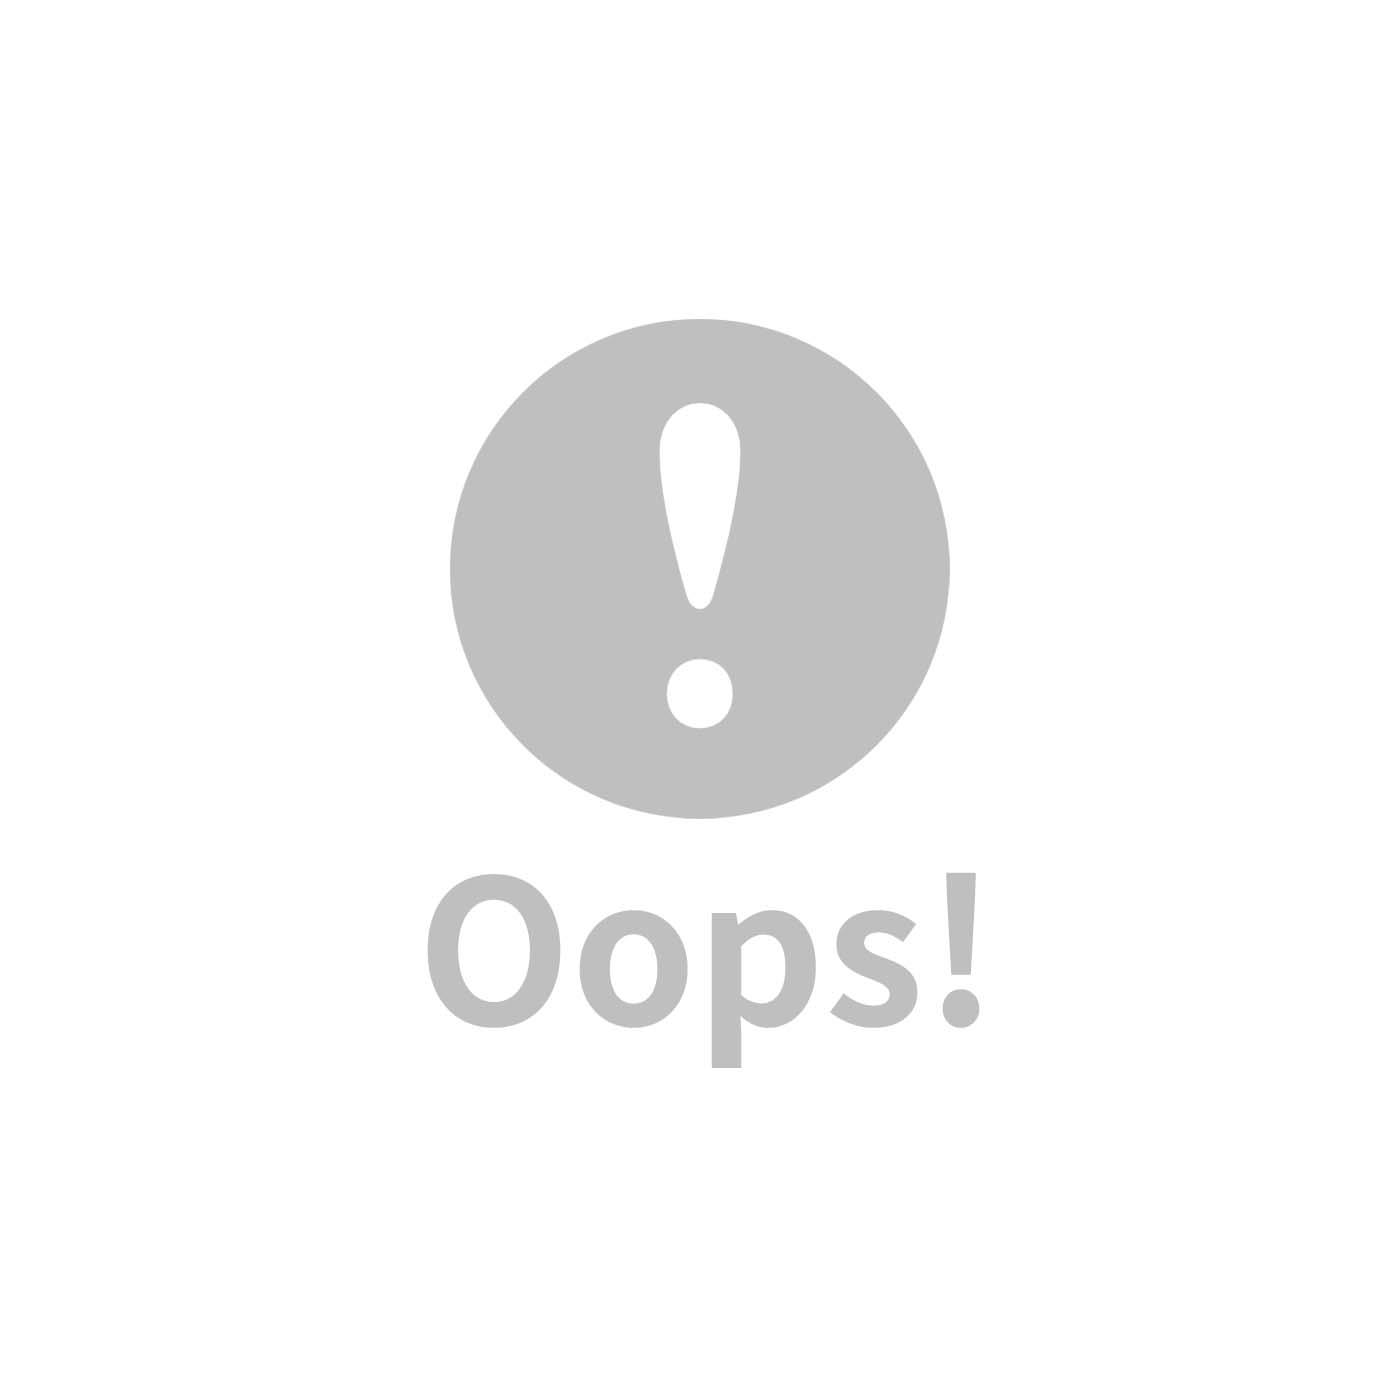 【此商品為預購品,於4/10起出貨】Milo & Gabby 動物好朋友-長條抱枕心枕套組(多款可選)